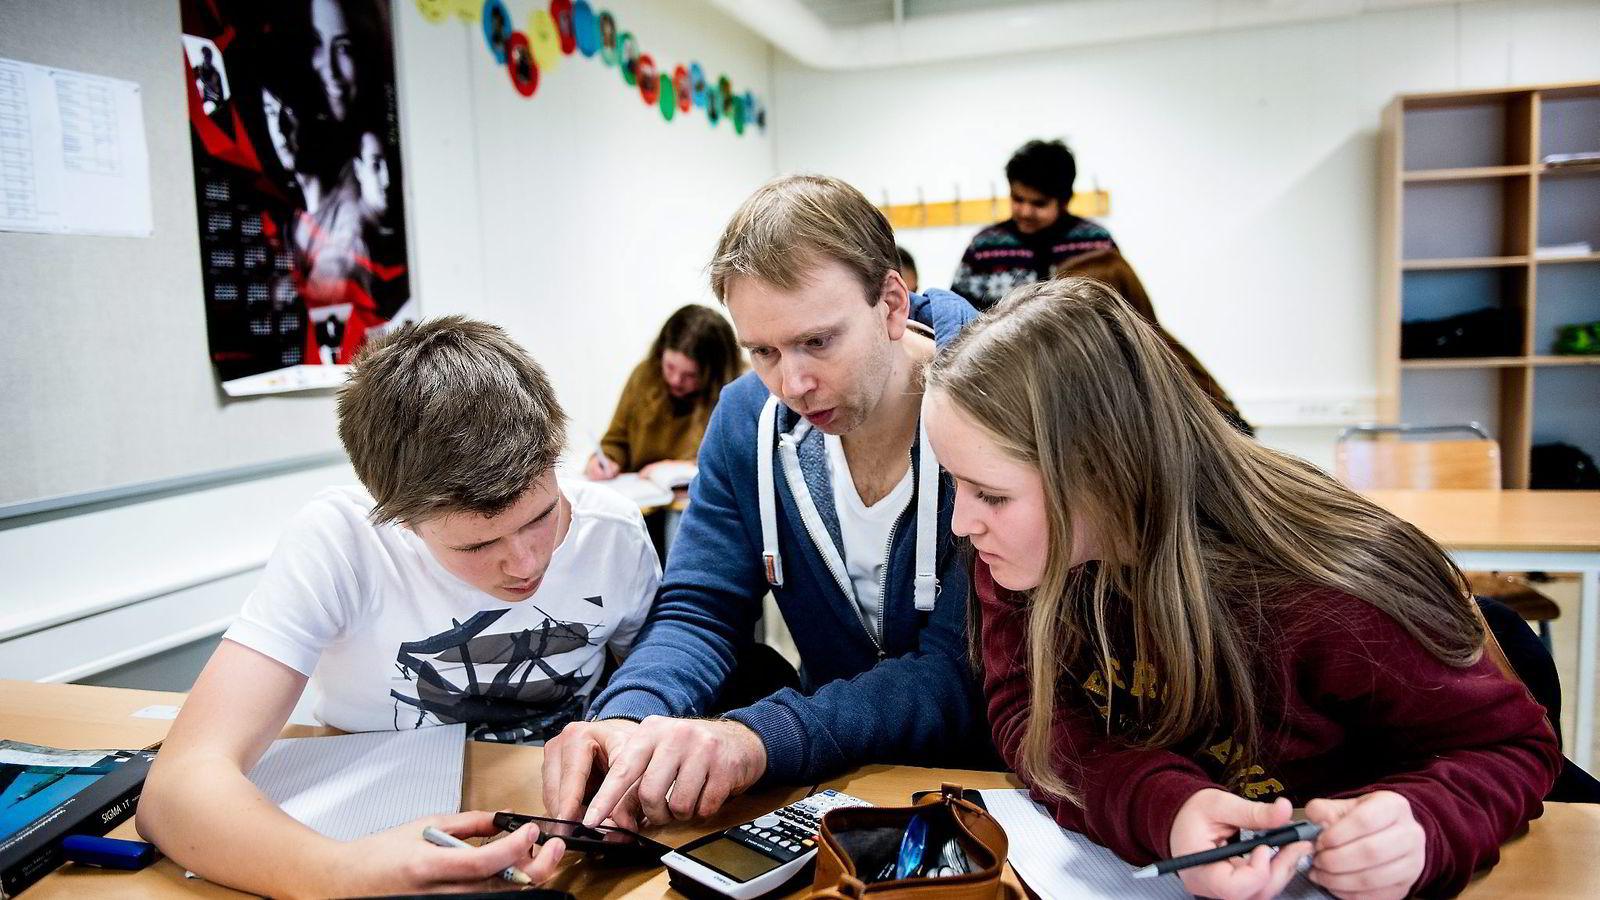 Ungdomsskoleelevene Gustav Tolstrup Christensen (15) og Sara Brown Bergly (15) får undervisning i videregående-matematikk av lærer Skage Hansen. Foto: Klaudia Lech